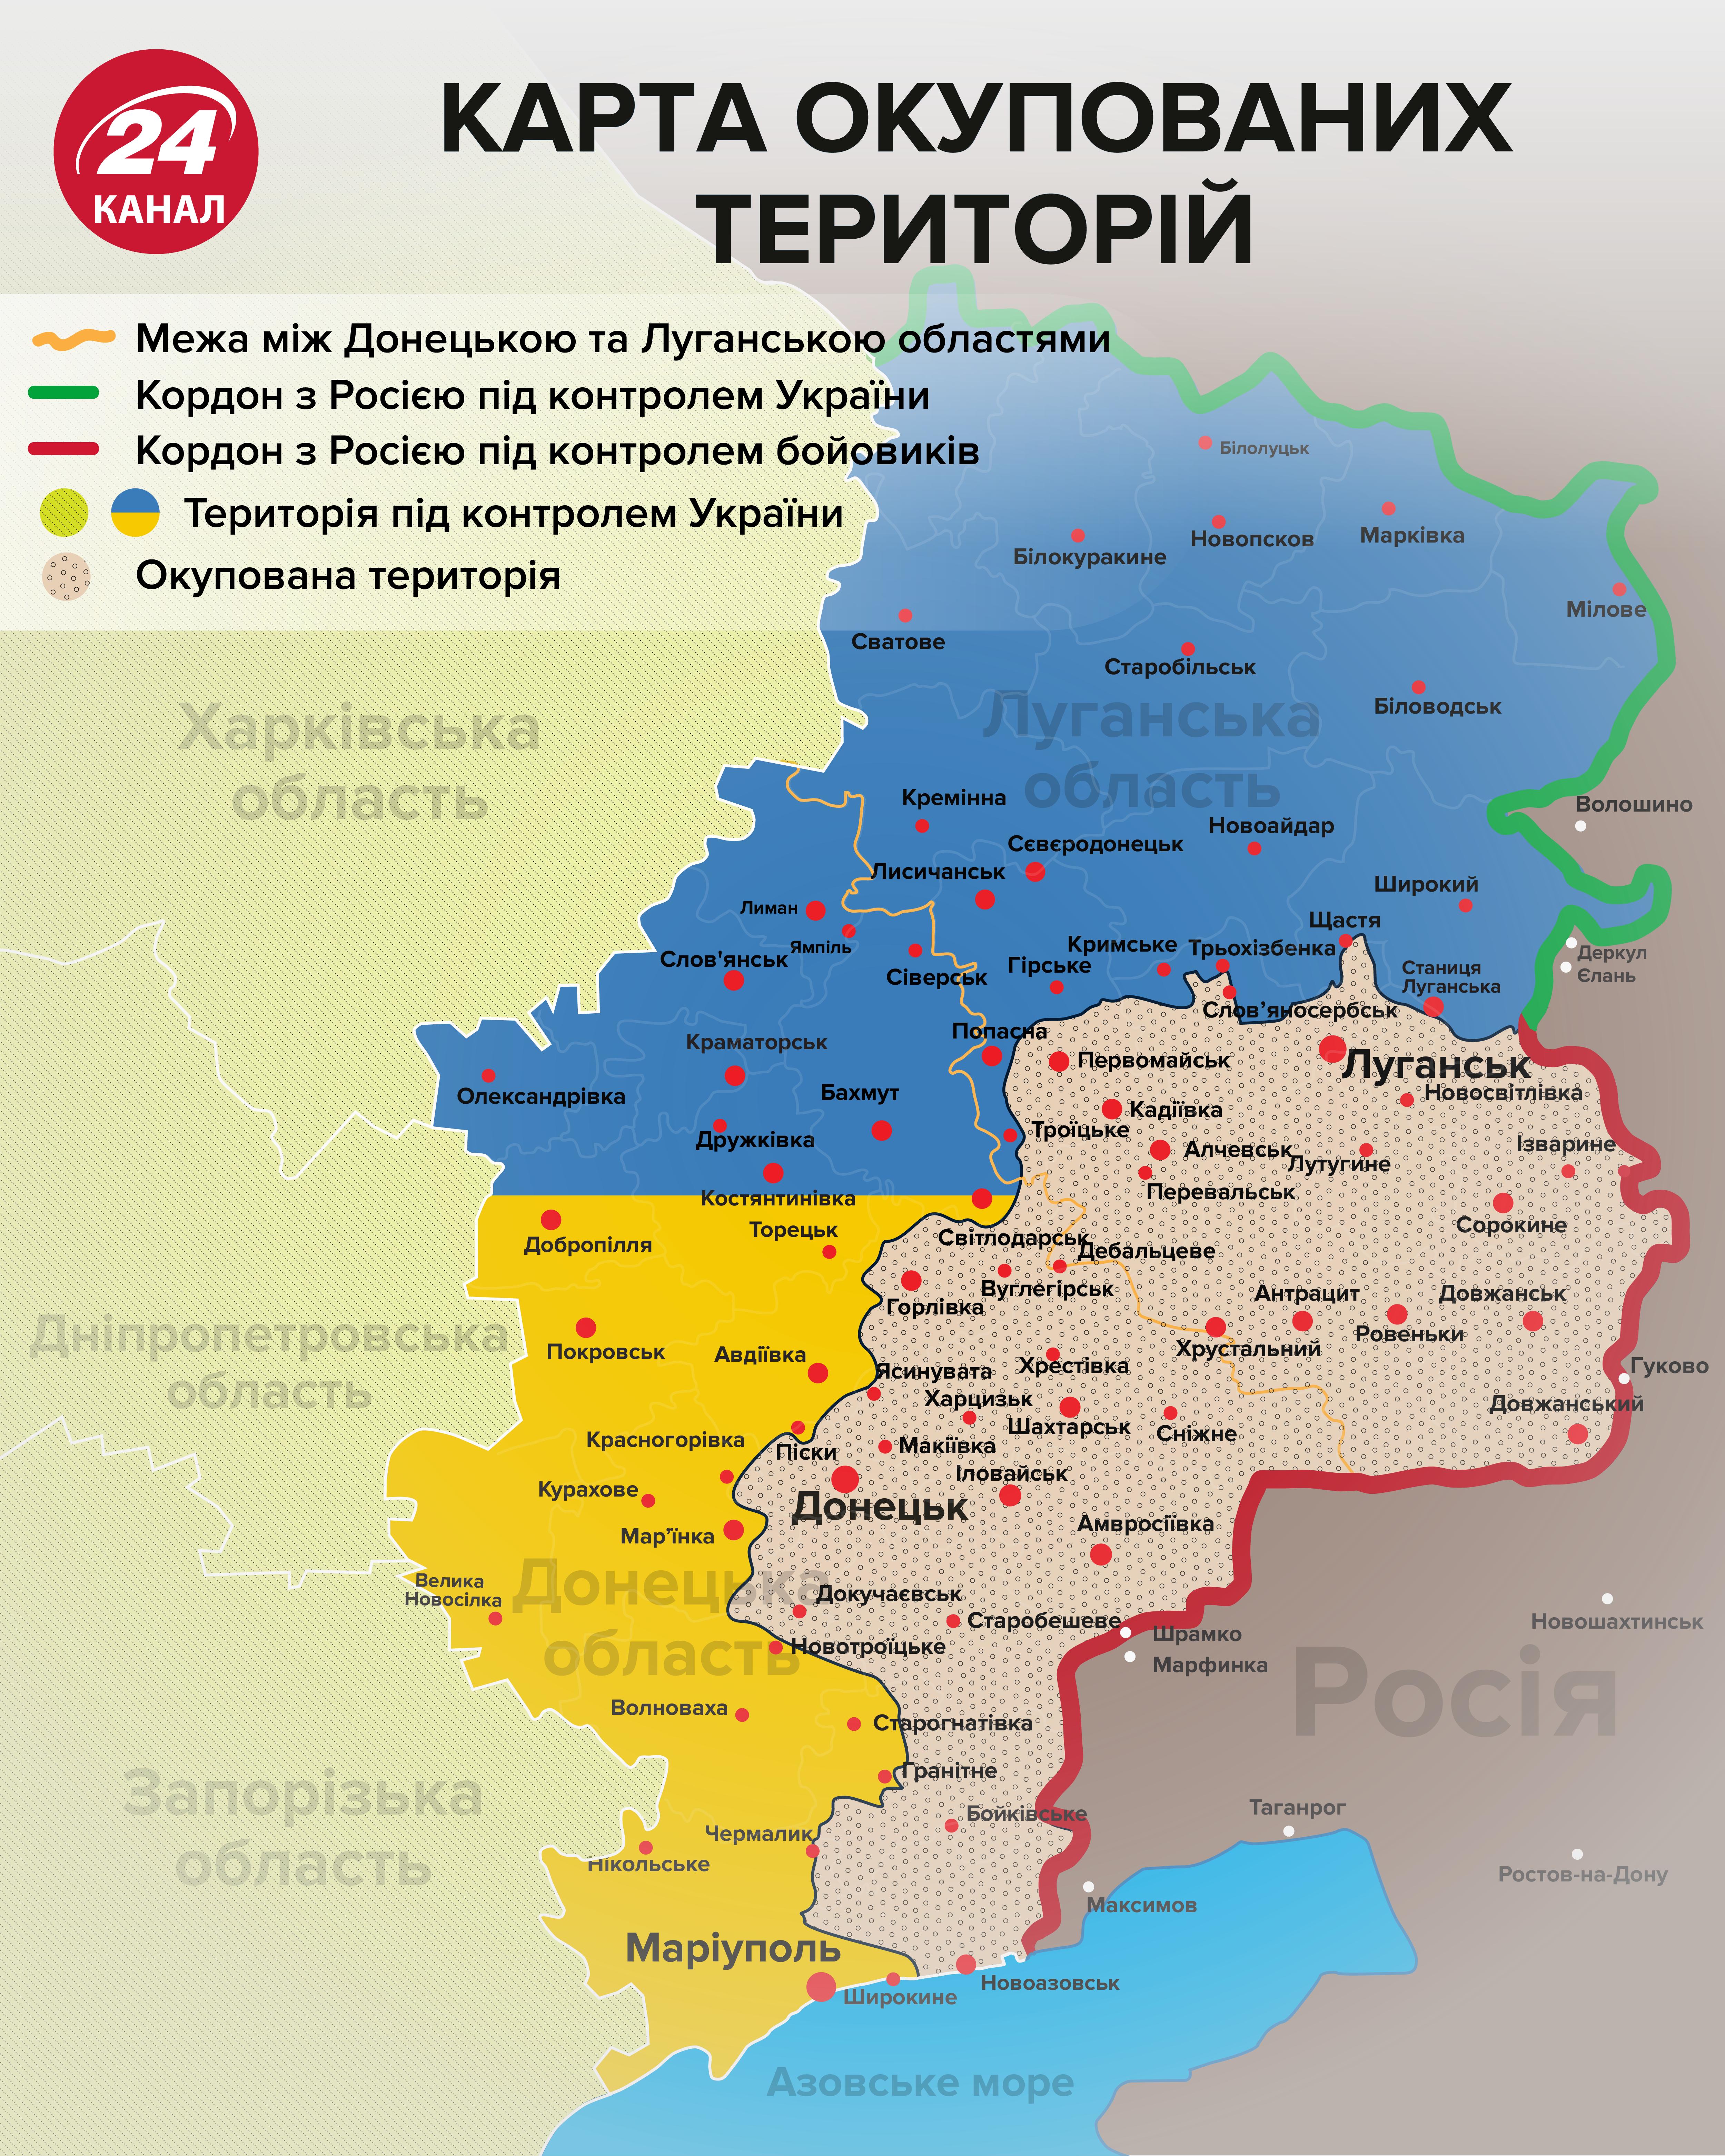 Совместное патрулирование на Донбассе: Пристайко назвал 'границу компромисса' с местными